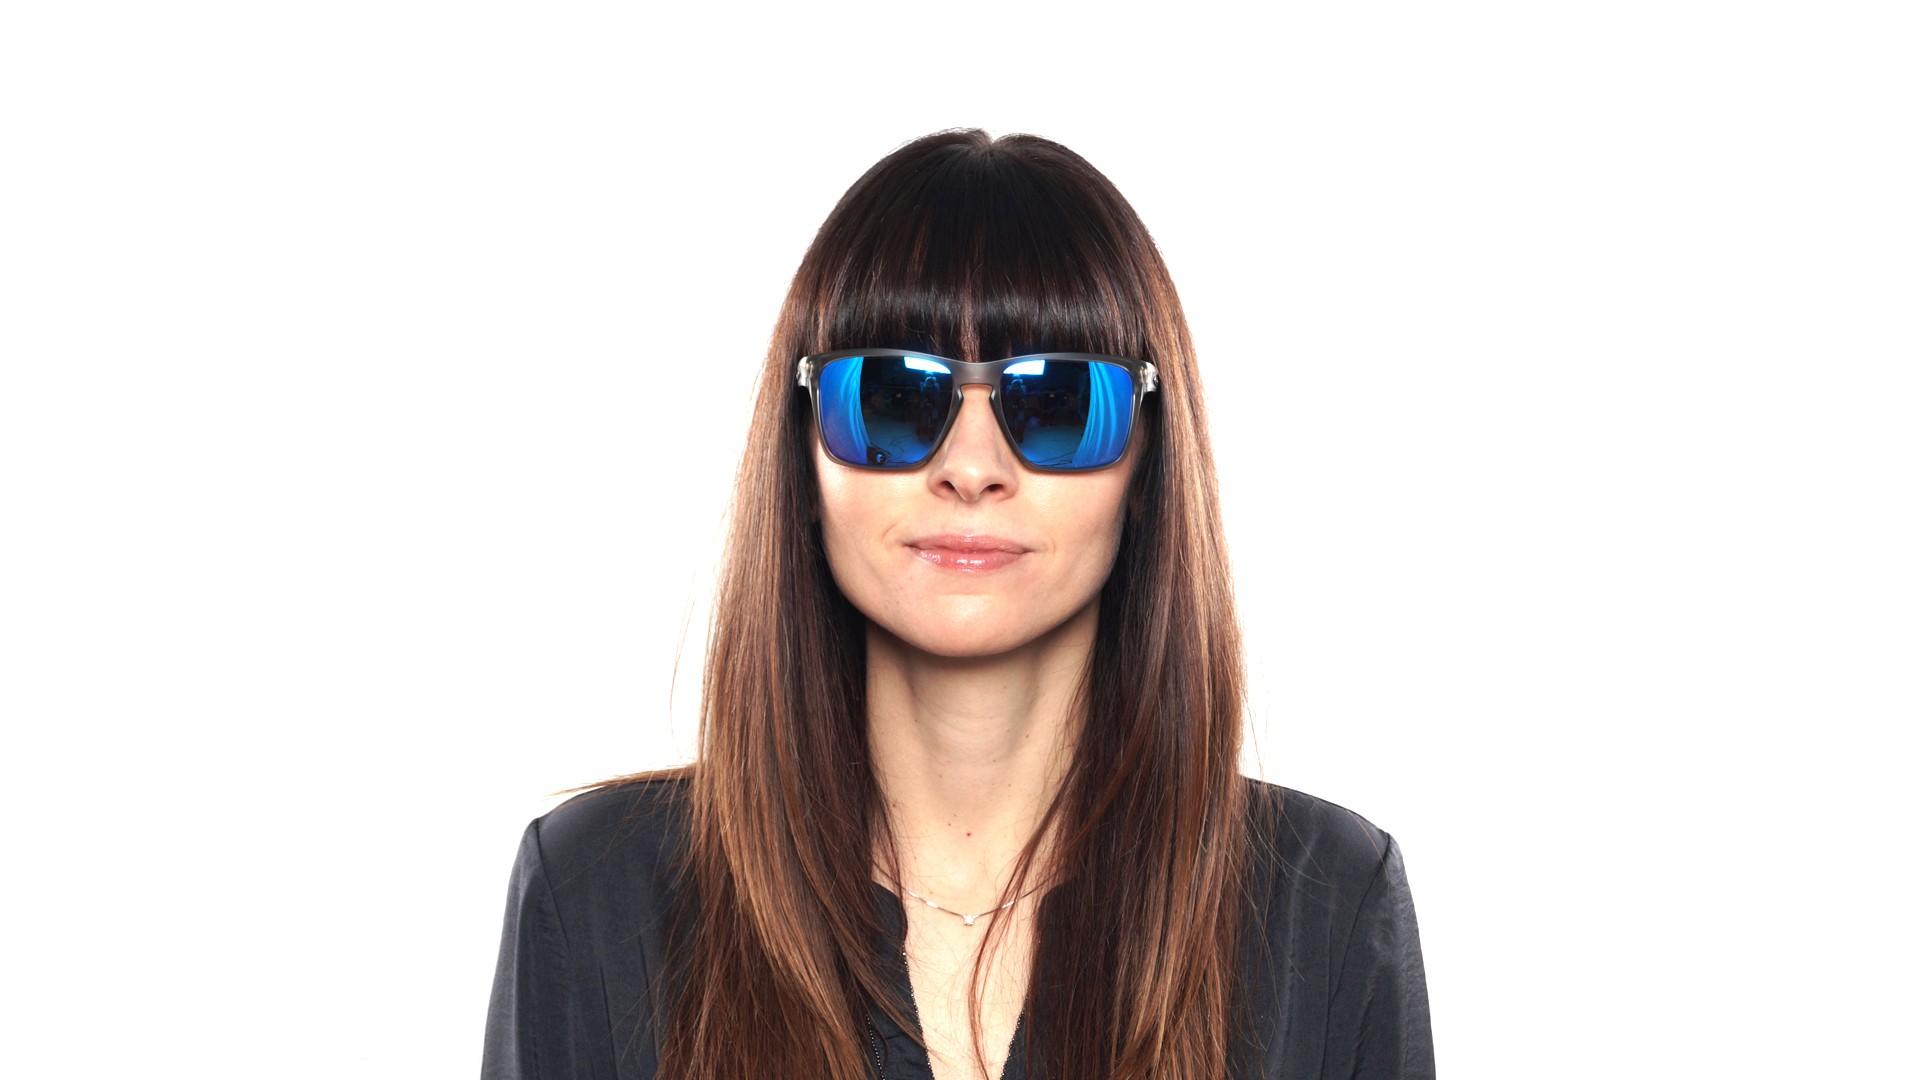 e07ddcf56ad Sunglasses Oakley Sliver Xl Grey OO9341 03 57-18 Medium Polarized Flash